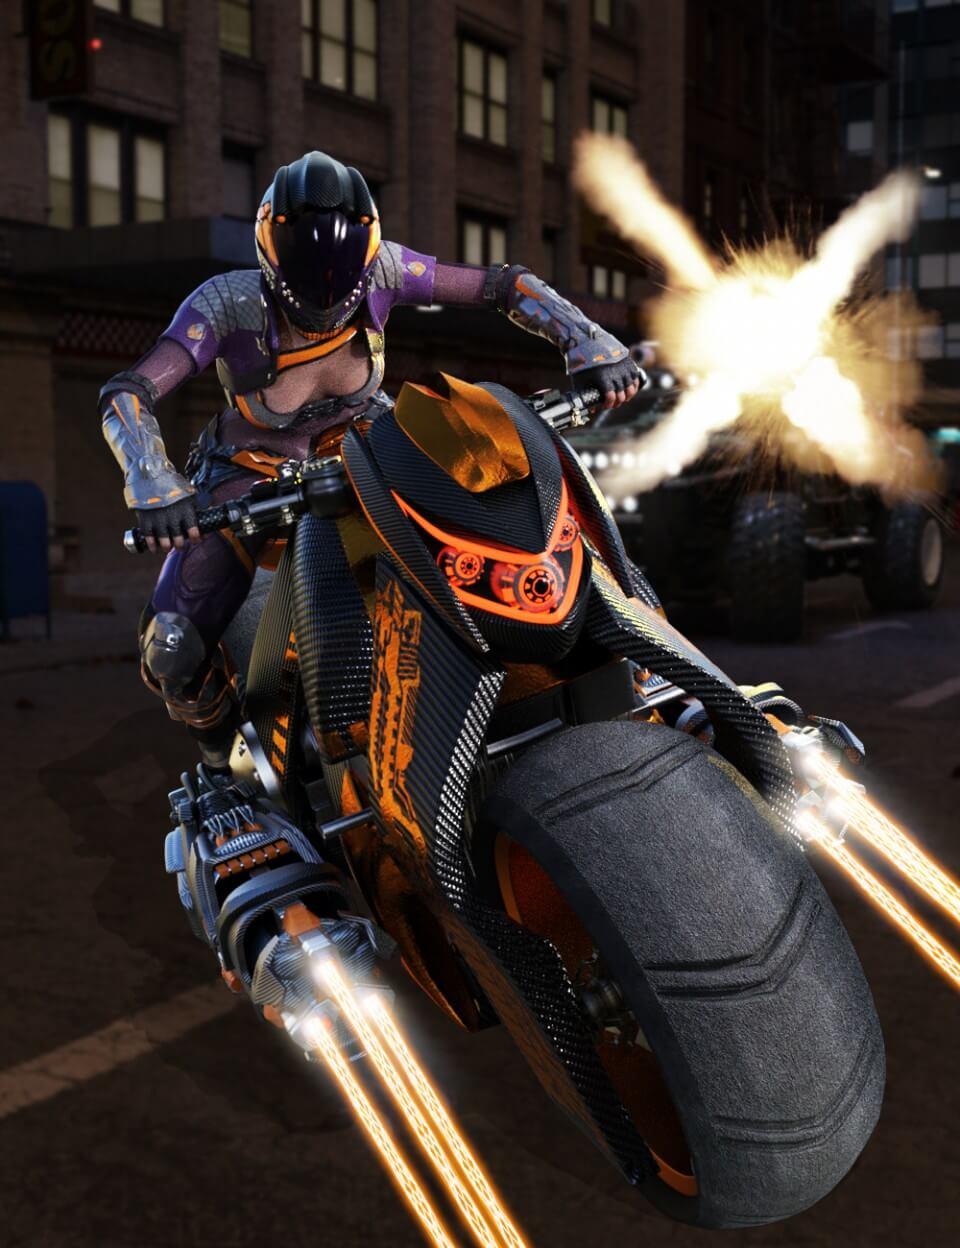 3d-modell motorrad 3d-model motorcycle